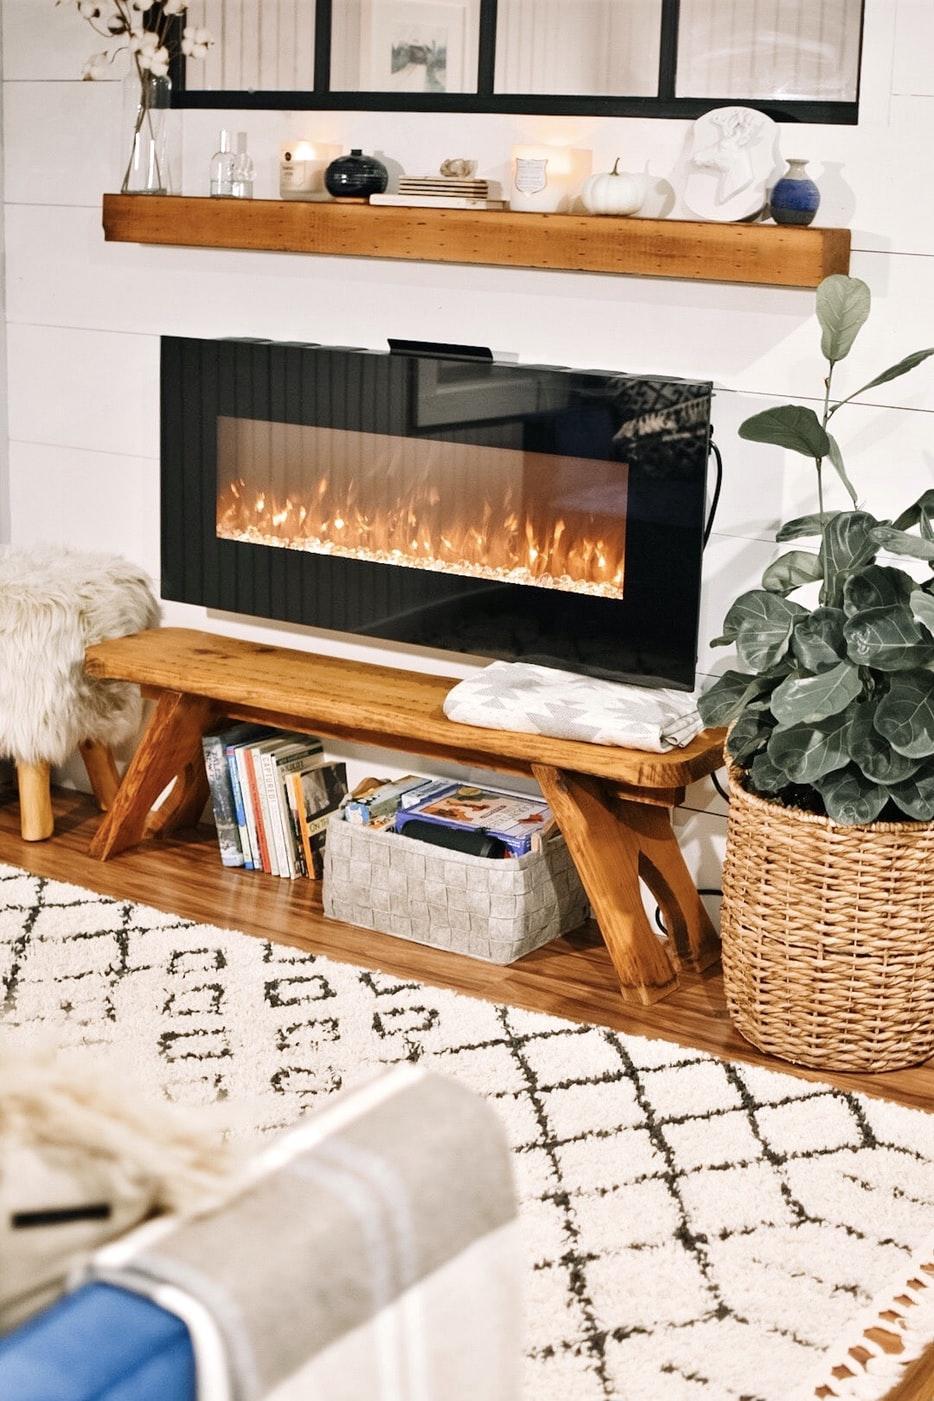 a well-lit digital fireplace